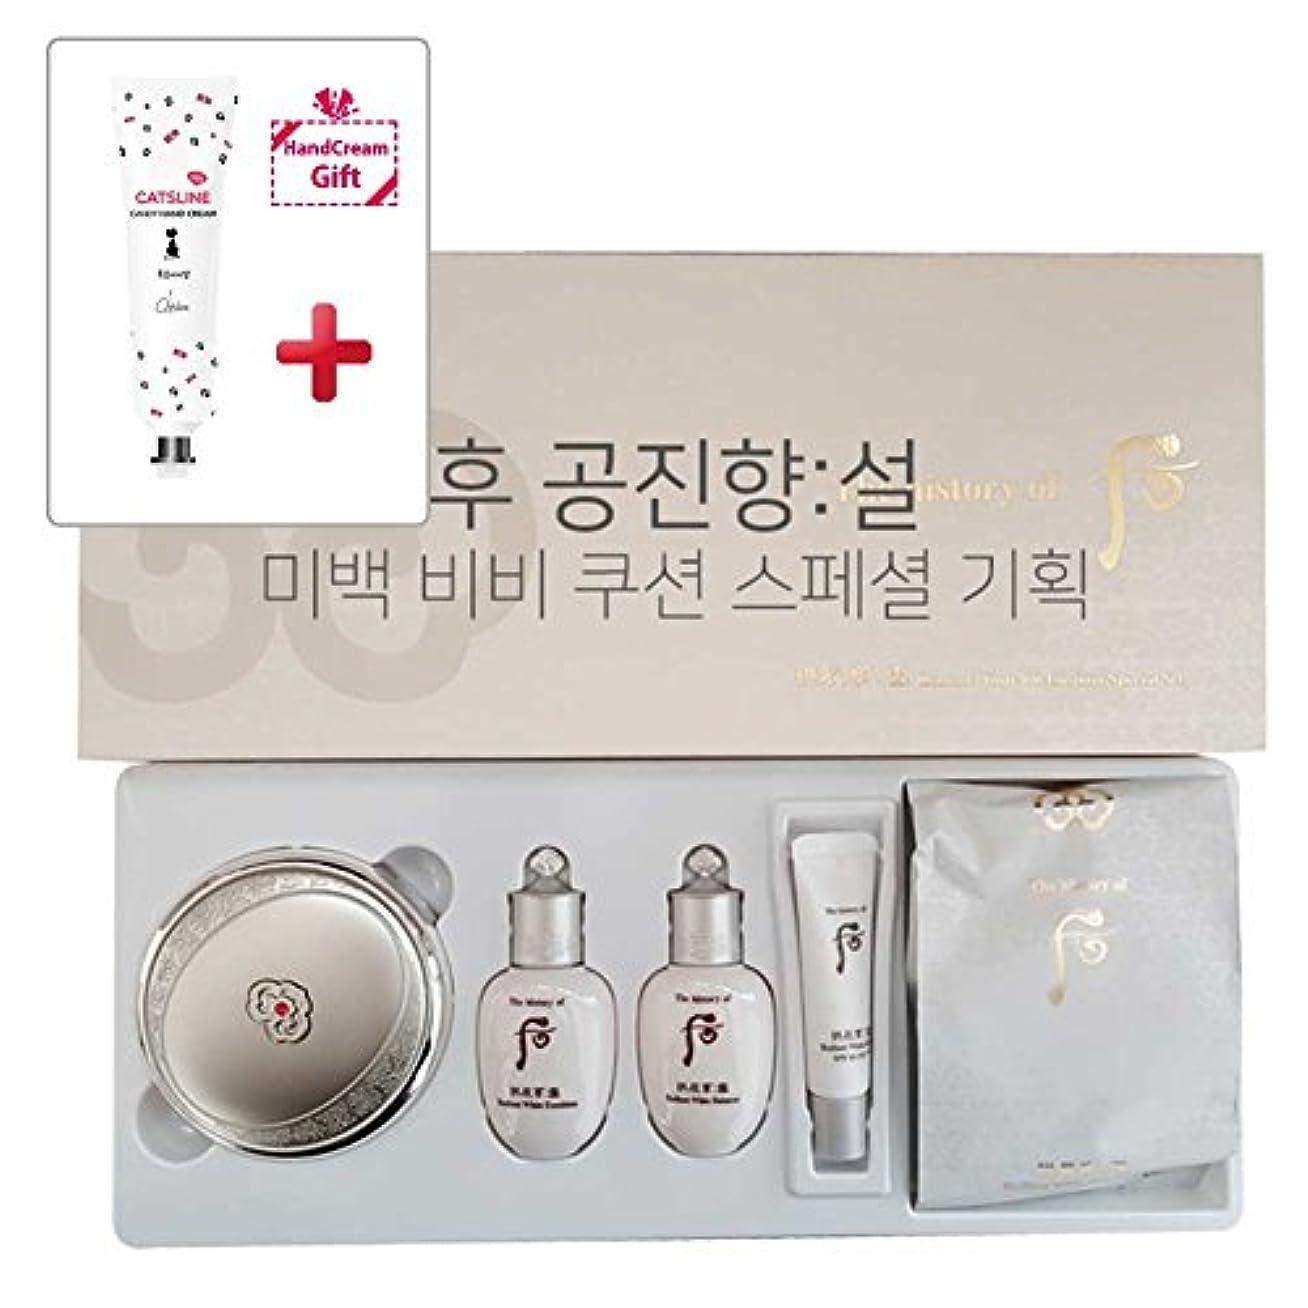 立ち向かう姉妹やめる【フー/The history of whoo] Whoo后 Seol Whitening BB cushion special/美白ビビクッションスペシャル企画 +[Sample Gift](海外直送品)